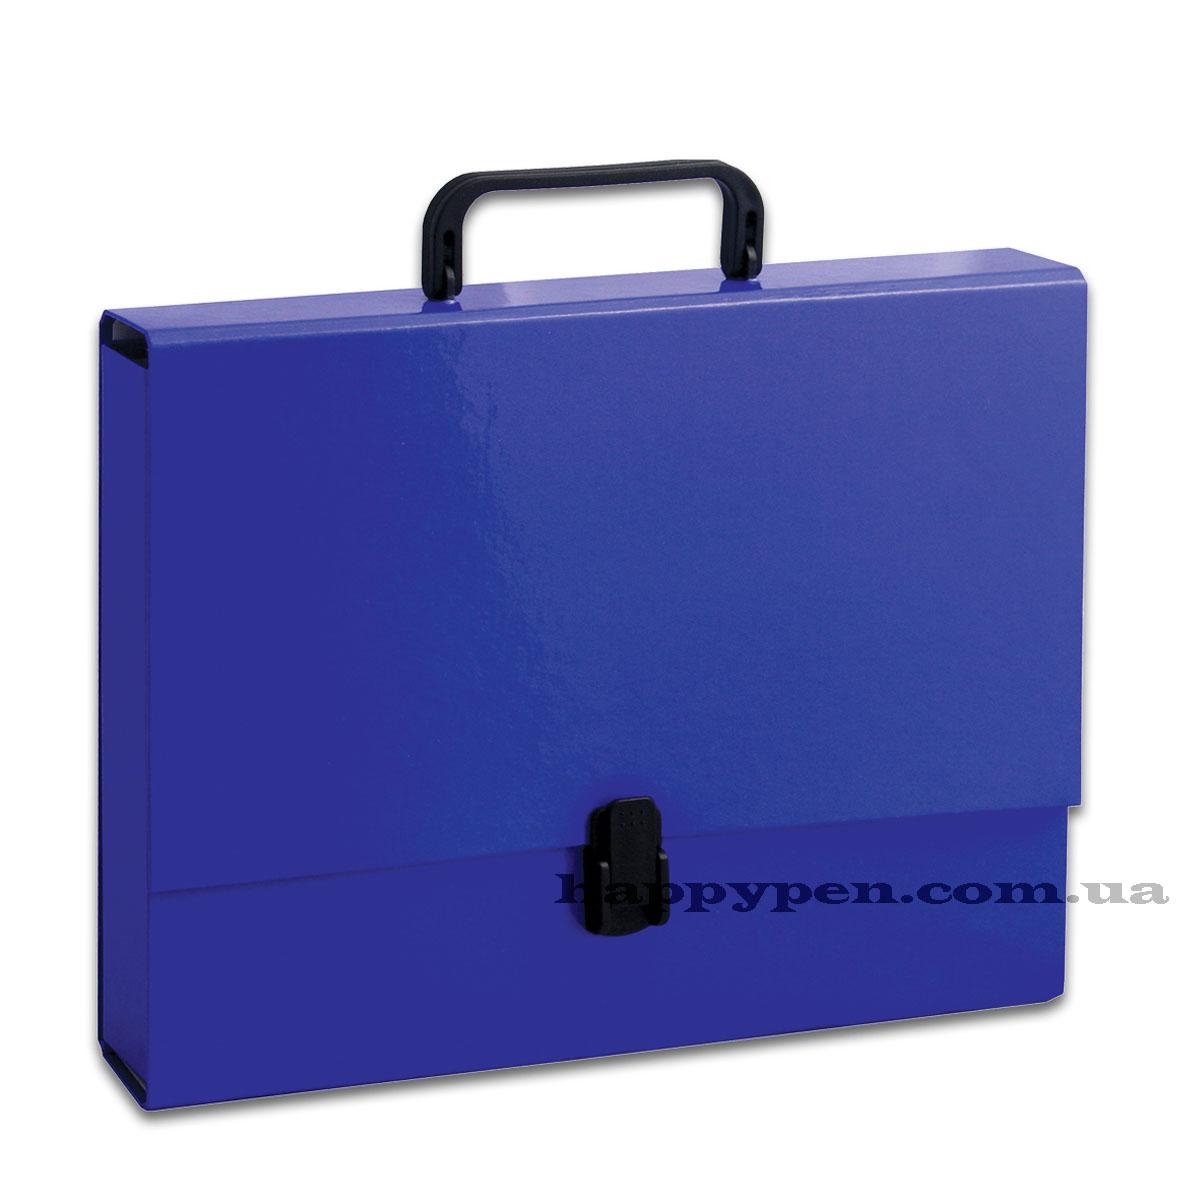 Портфель с ручкой, картонный А4 (32*23,5*5см), на 1 отделение, син. Penmate - фото 1